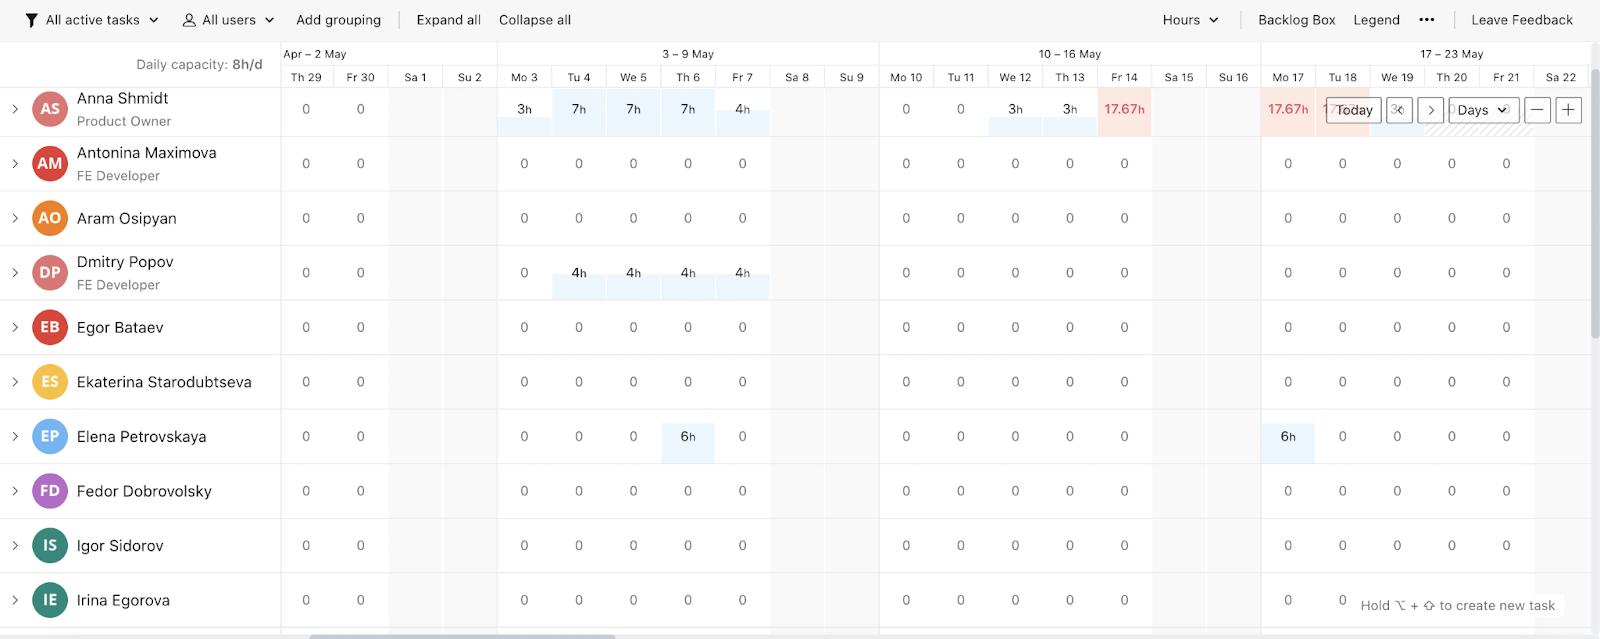 Слева находятся пользователи. В календарной сетке можно посмотреть, сколько часов пользователь занят в конкретный день